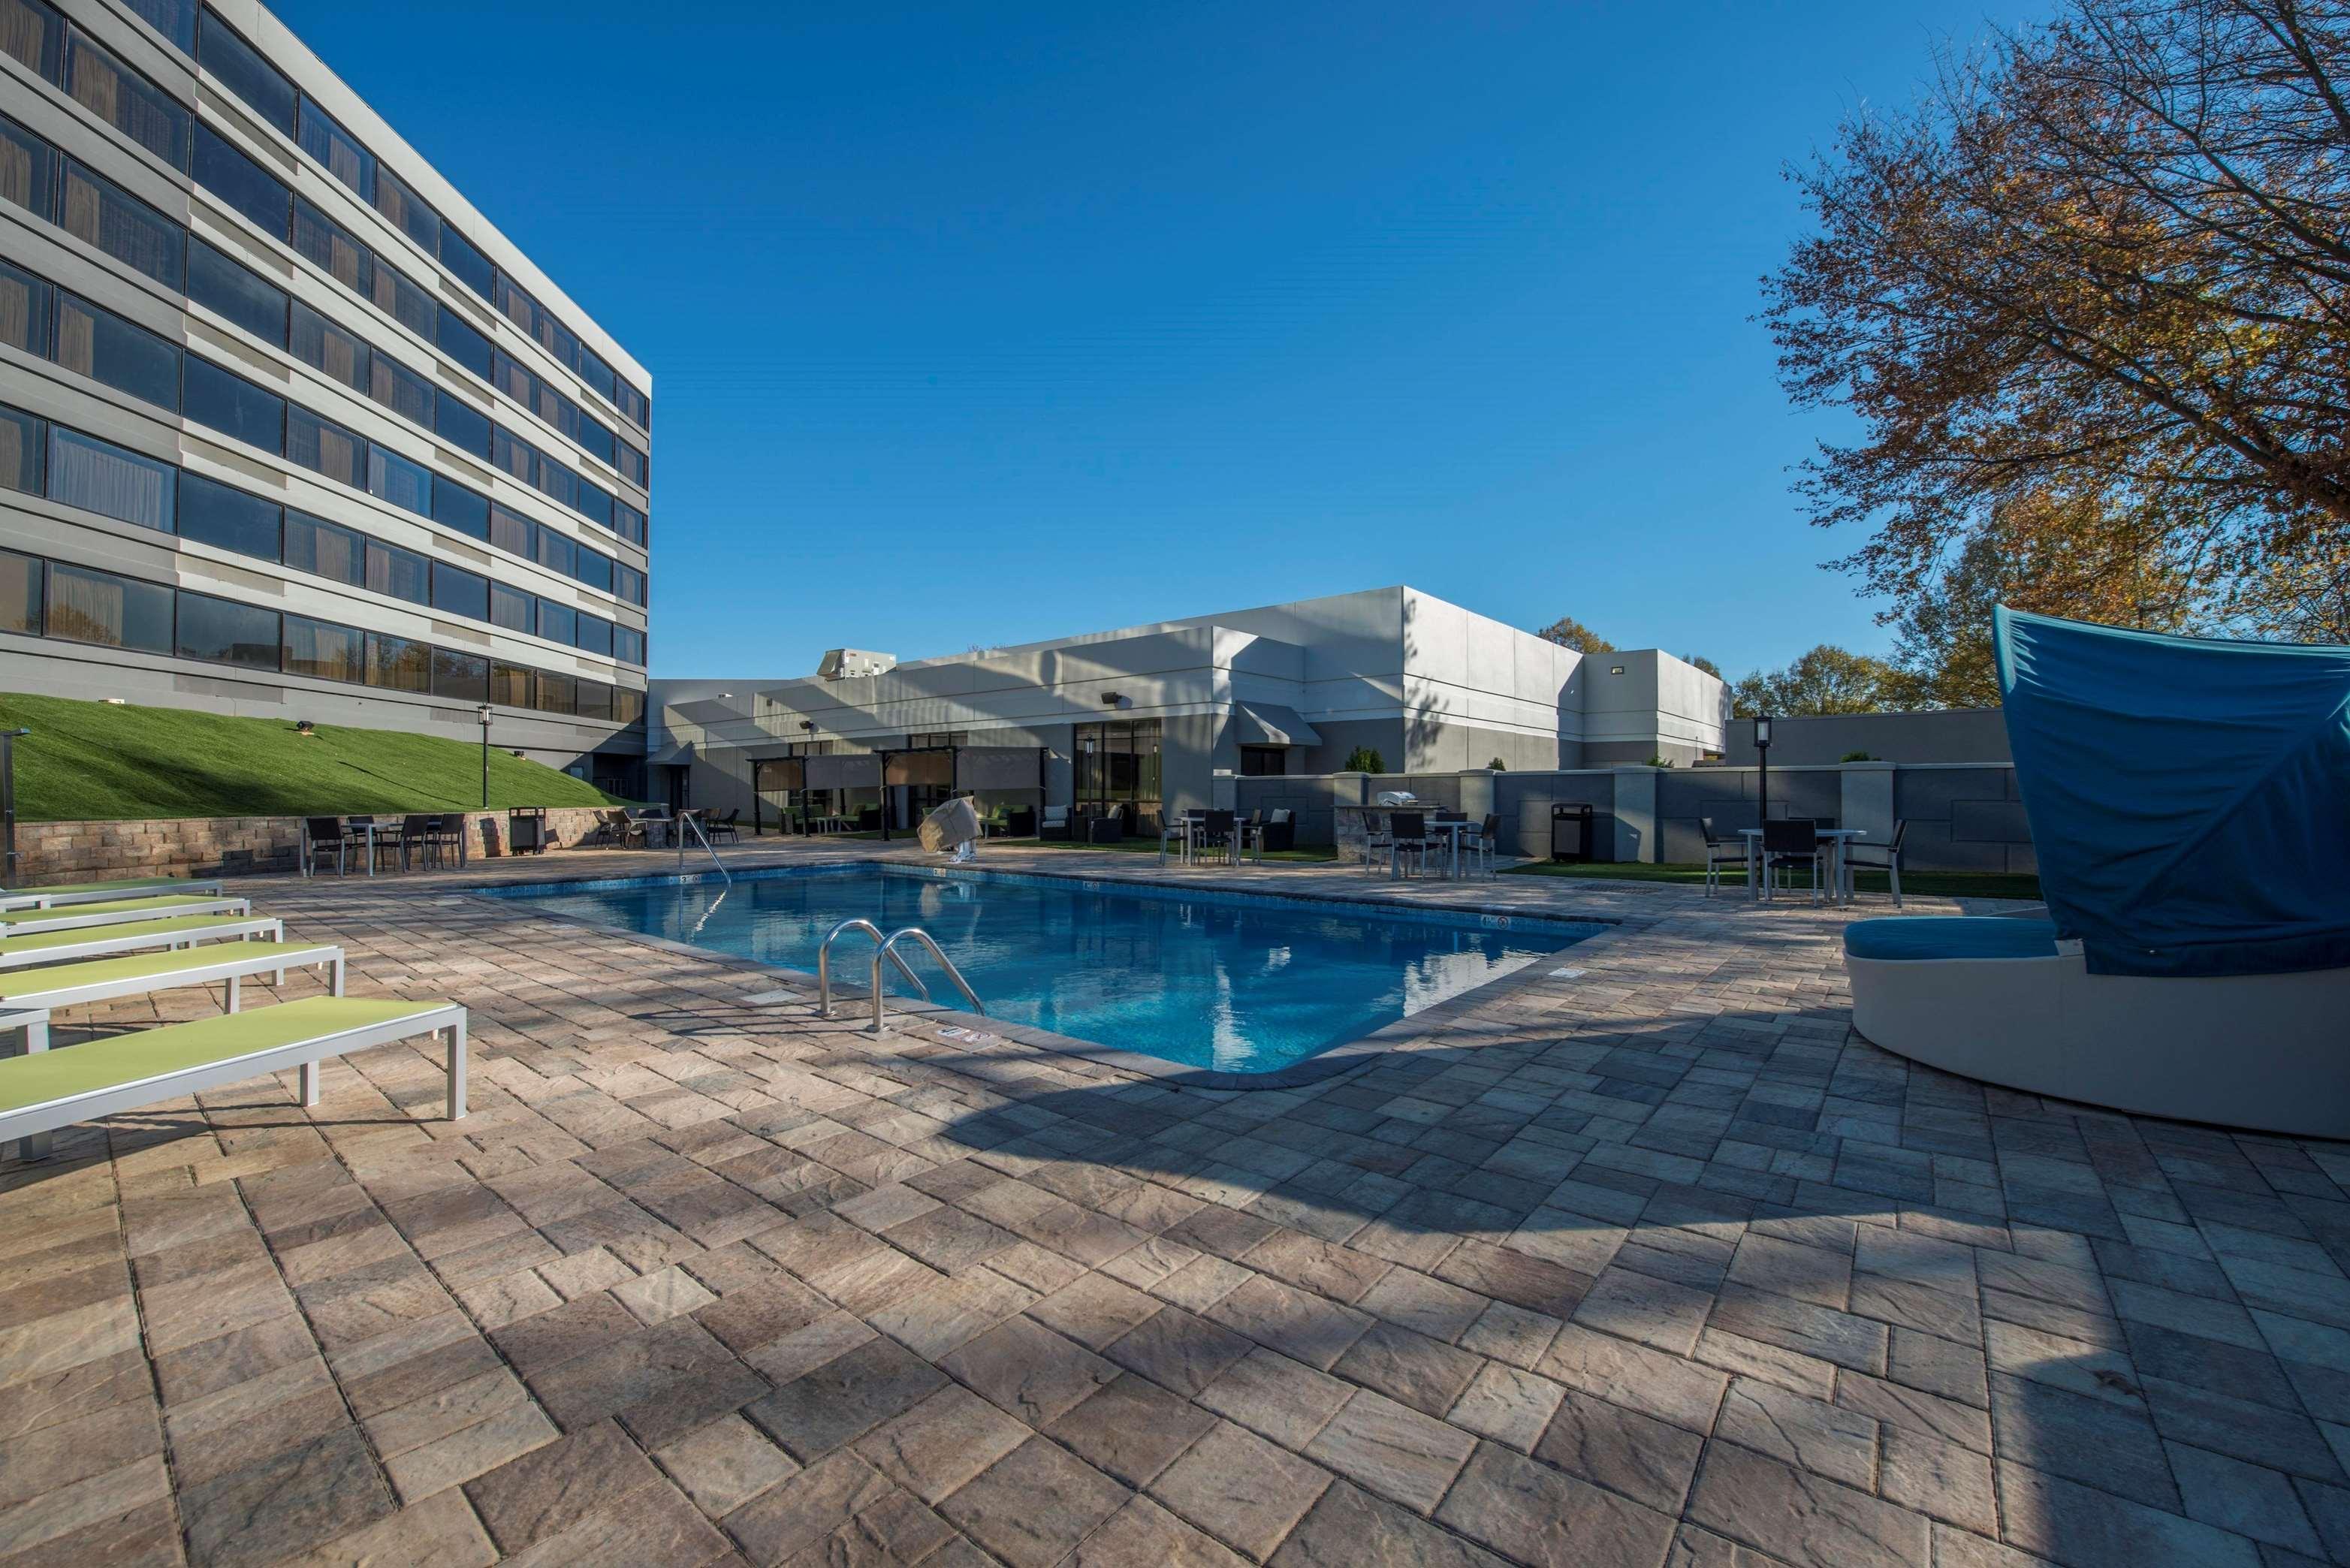 DoubleTree by Hilton Hotel Winston Salem - University image 6